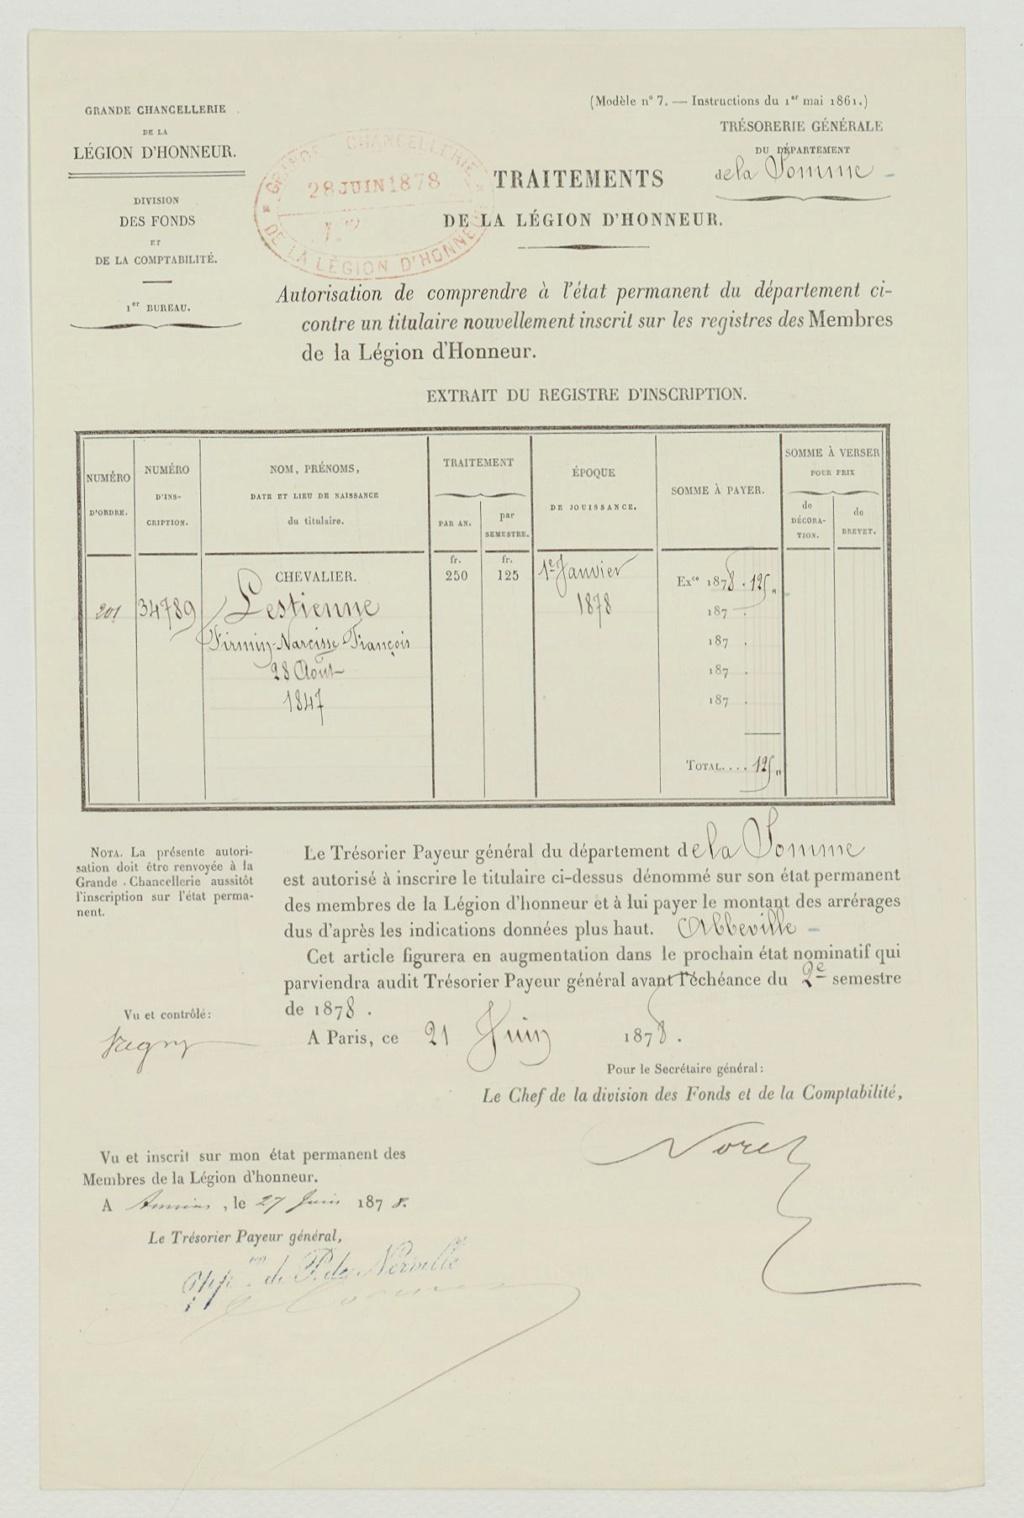 Généalogie de la famille Lestienne Firmin21